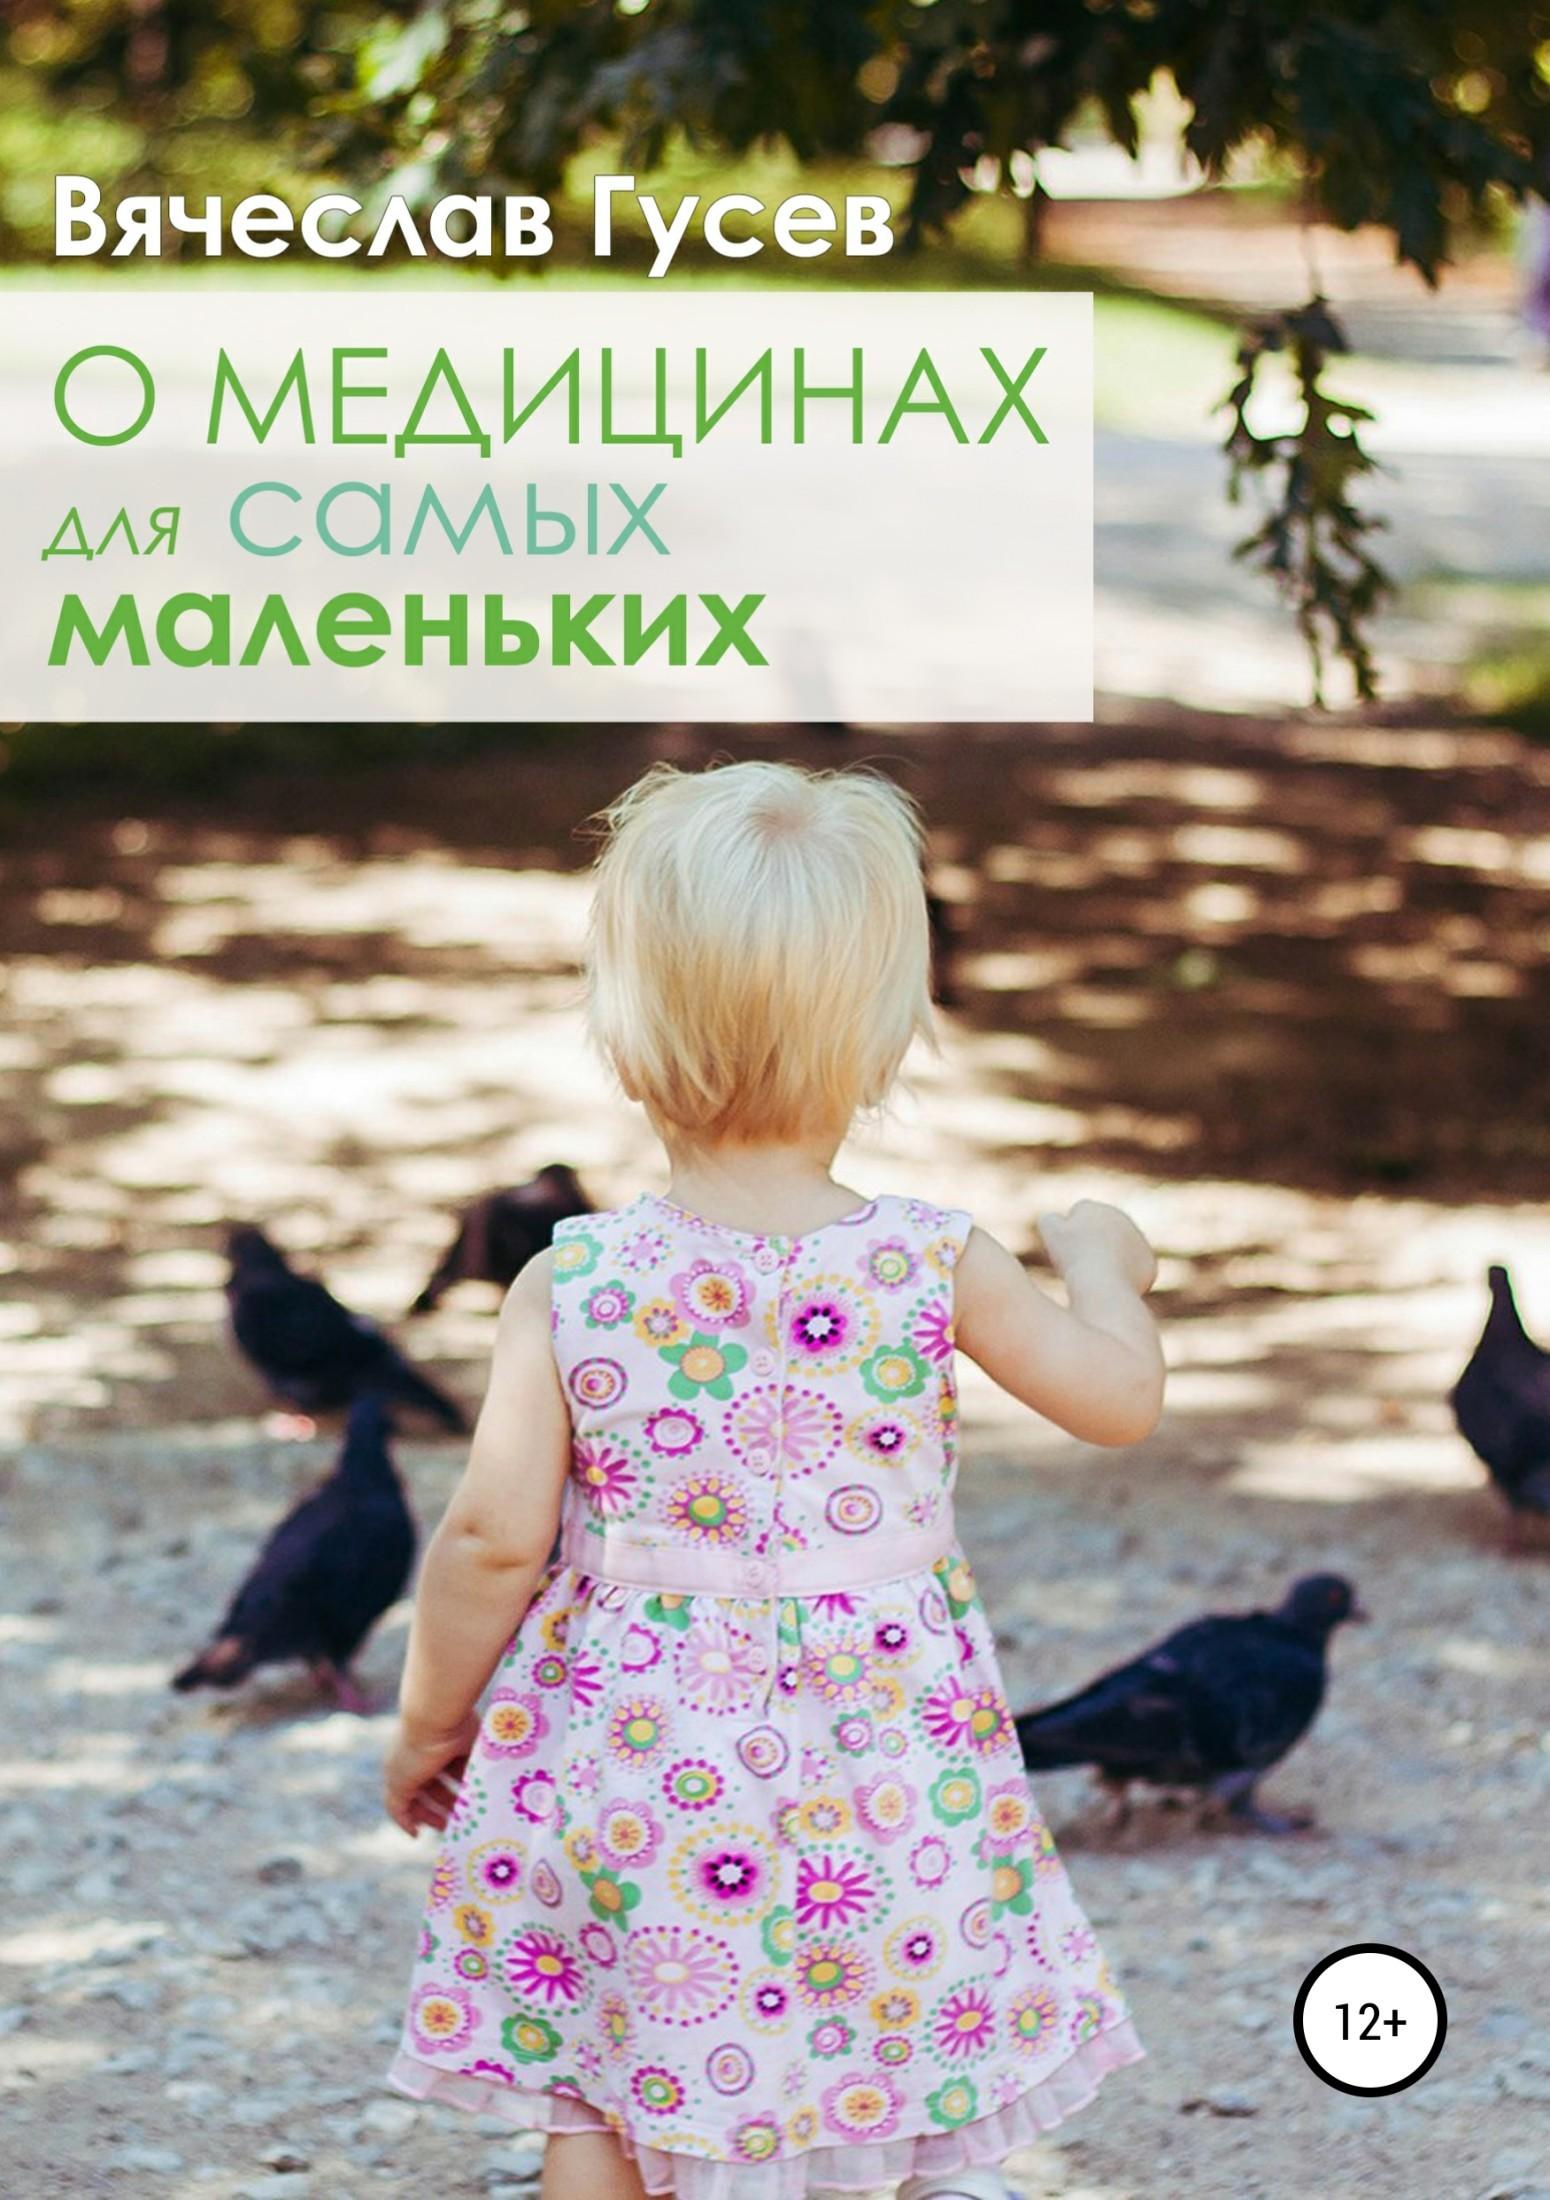 Вячеслав Гусев «О медицинах для самых маленьких»